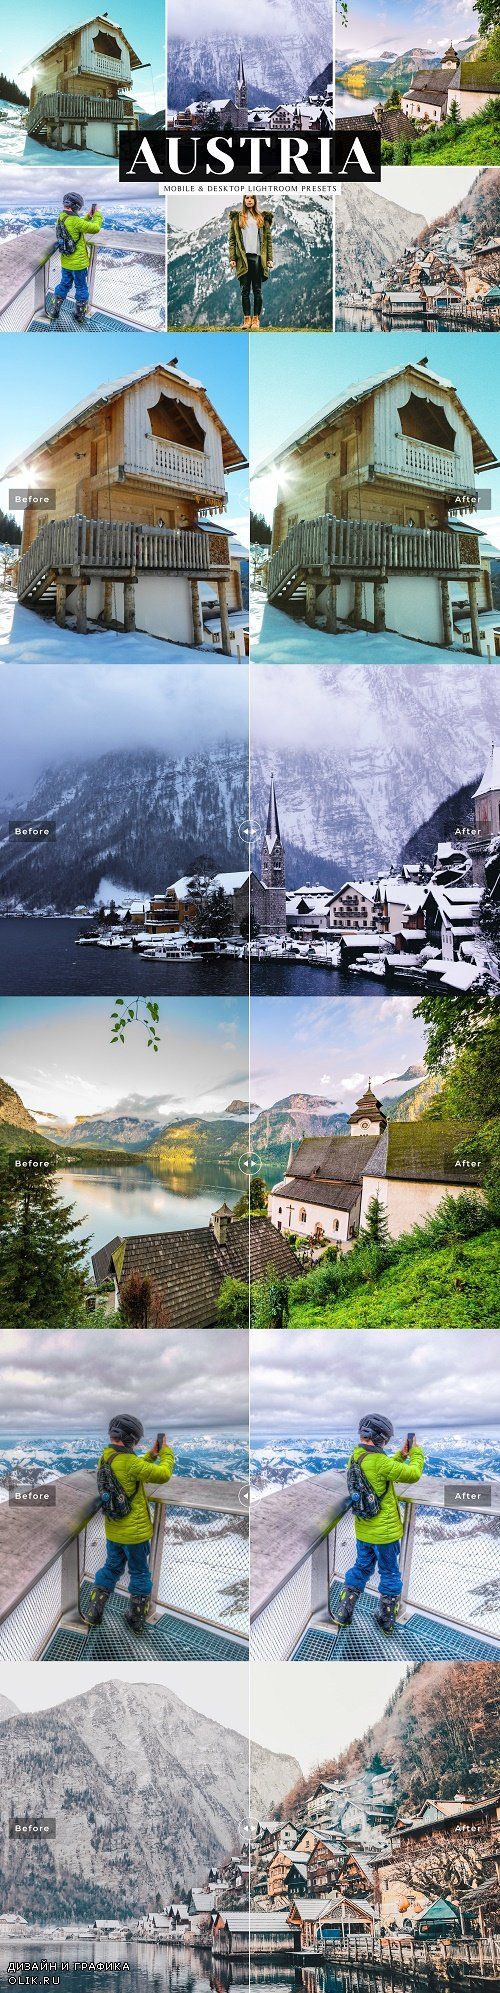 Austria Lightroom Presets Pack - 3874972